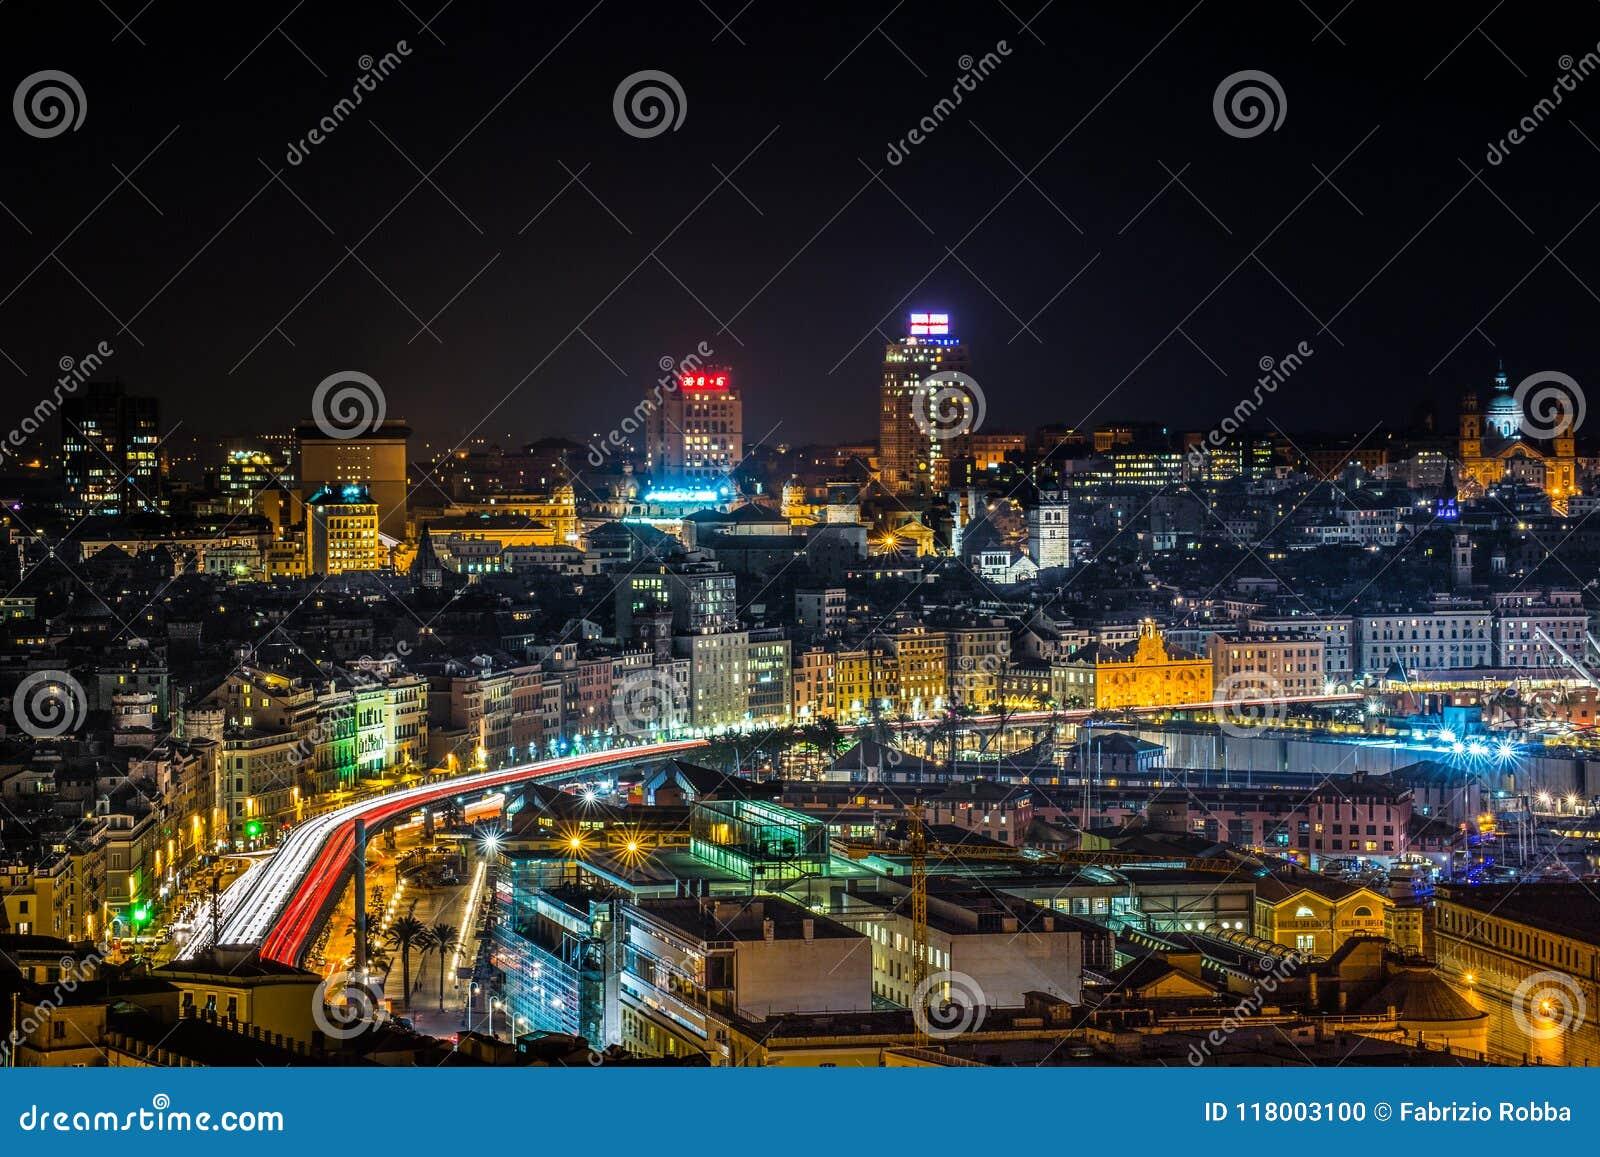 Luchtmening van Genoa Genova Italy, de haven met de verhoogde weg  s nachts, Italië